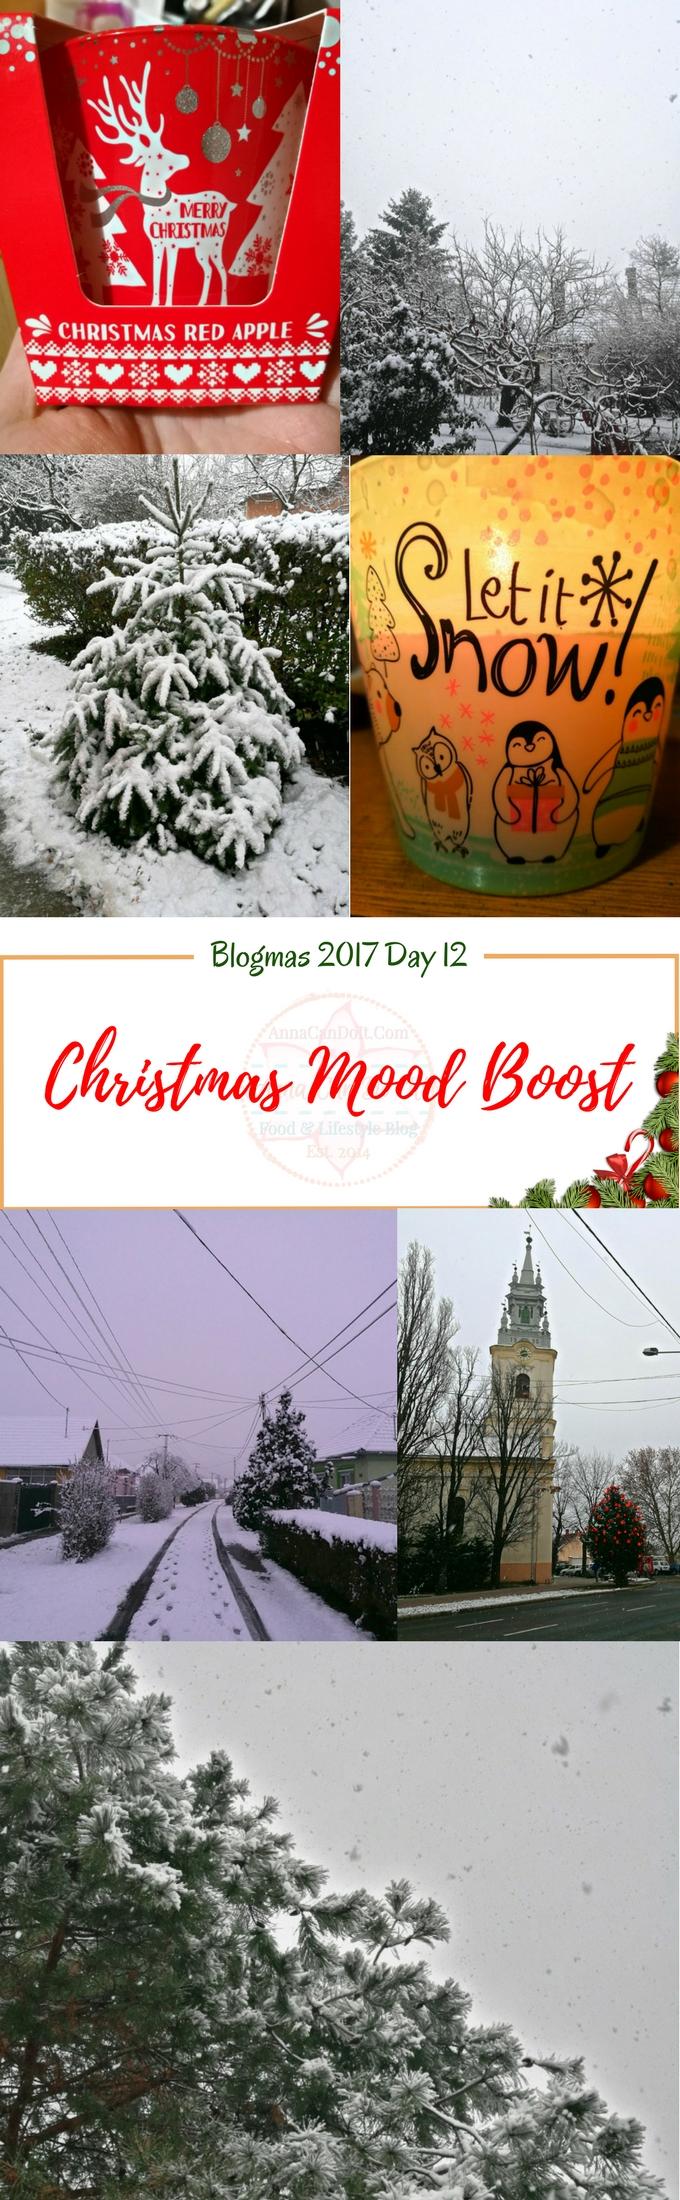 Christmas Mood Boost - Blogmas 2017 Day 12 7